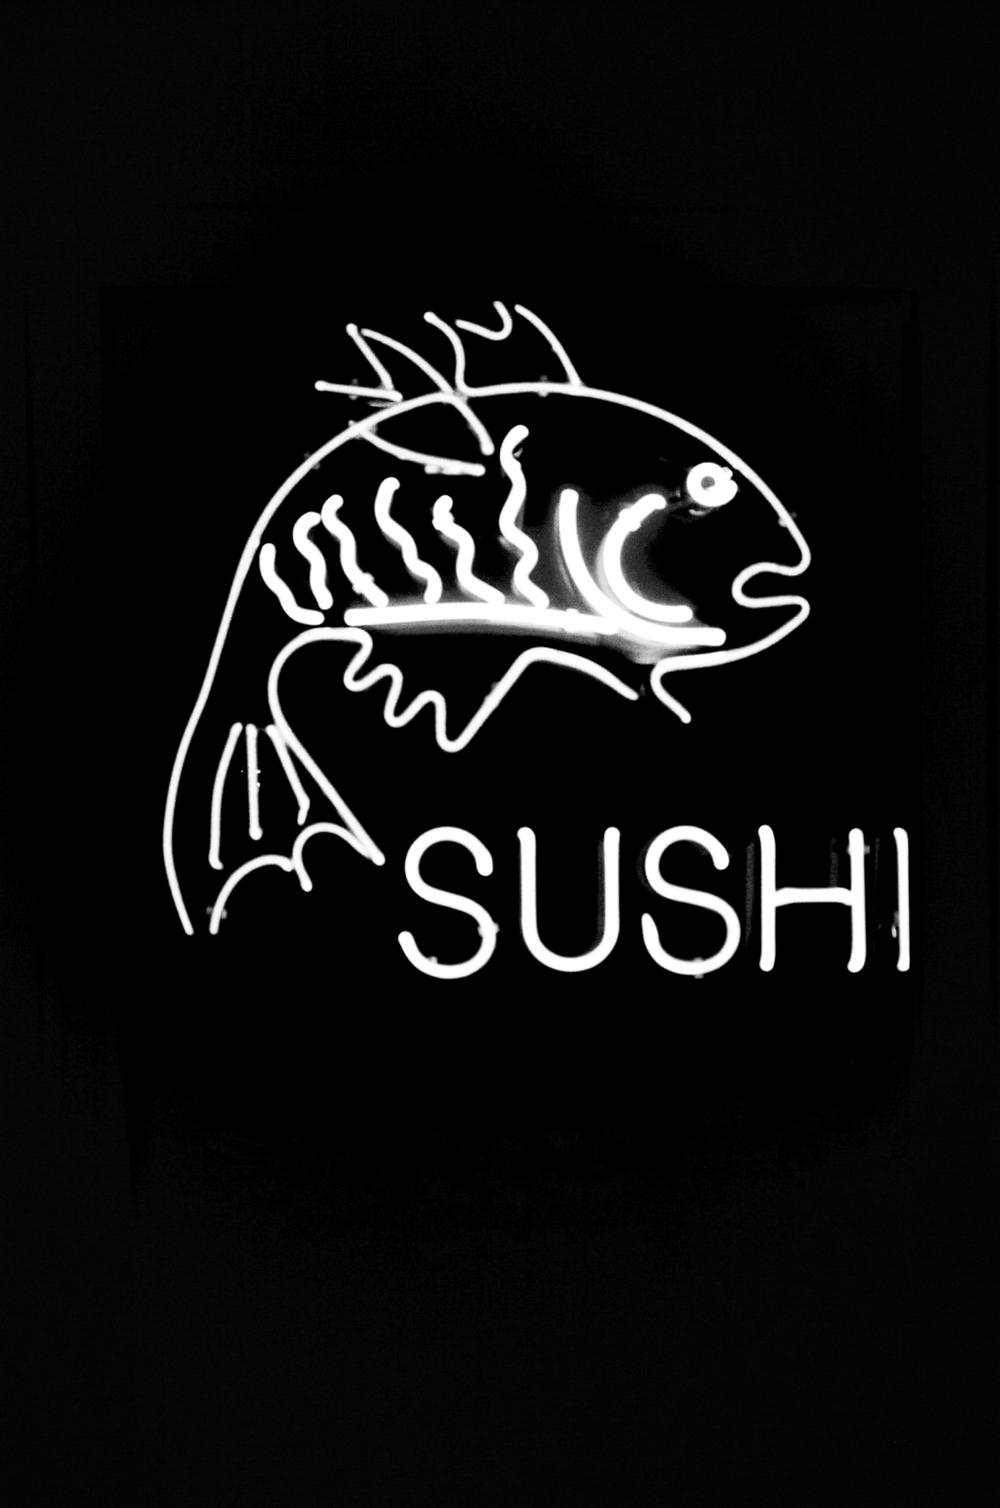 Neon-Sushi-Sign-Film-bw-2-casenruiz.jpg